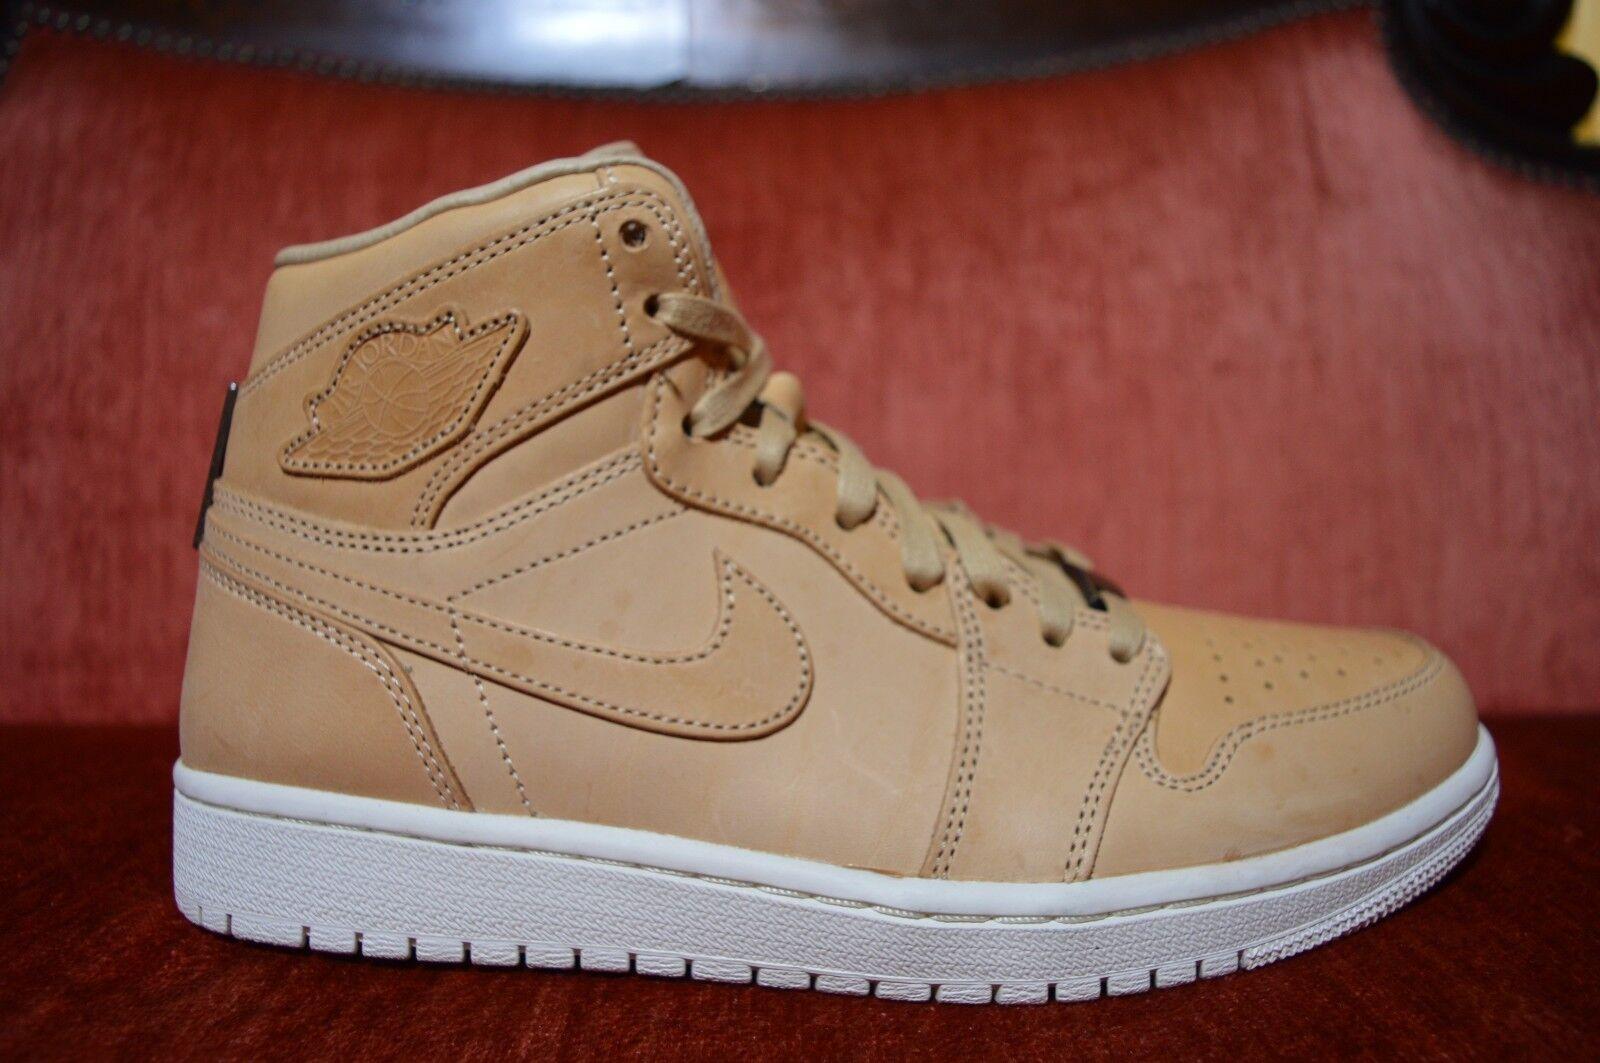 Nike Air Jordan 1 Pinnacle Vachetta Tan Sail 705075 201 Size 9.5 Brown White LUX